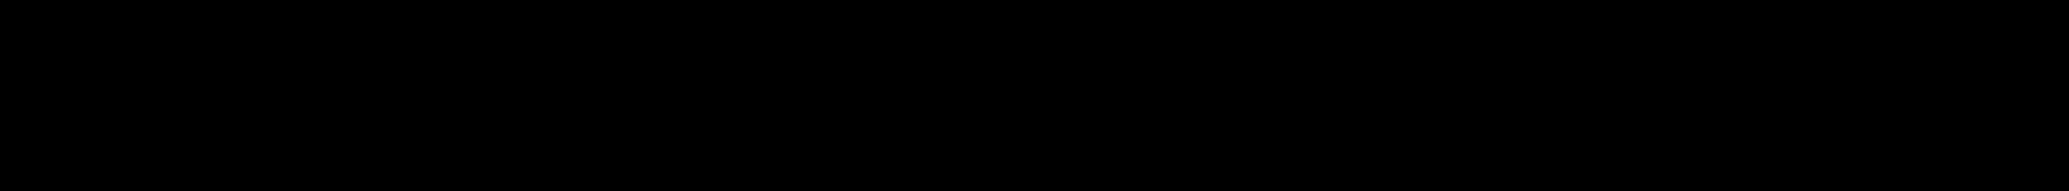 Design System D 500R